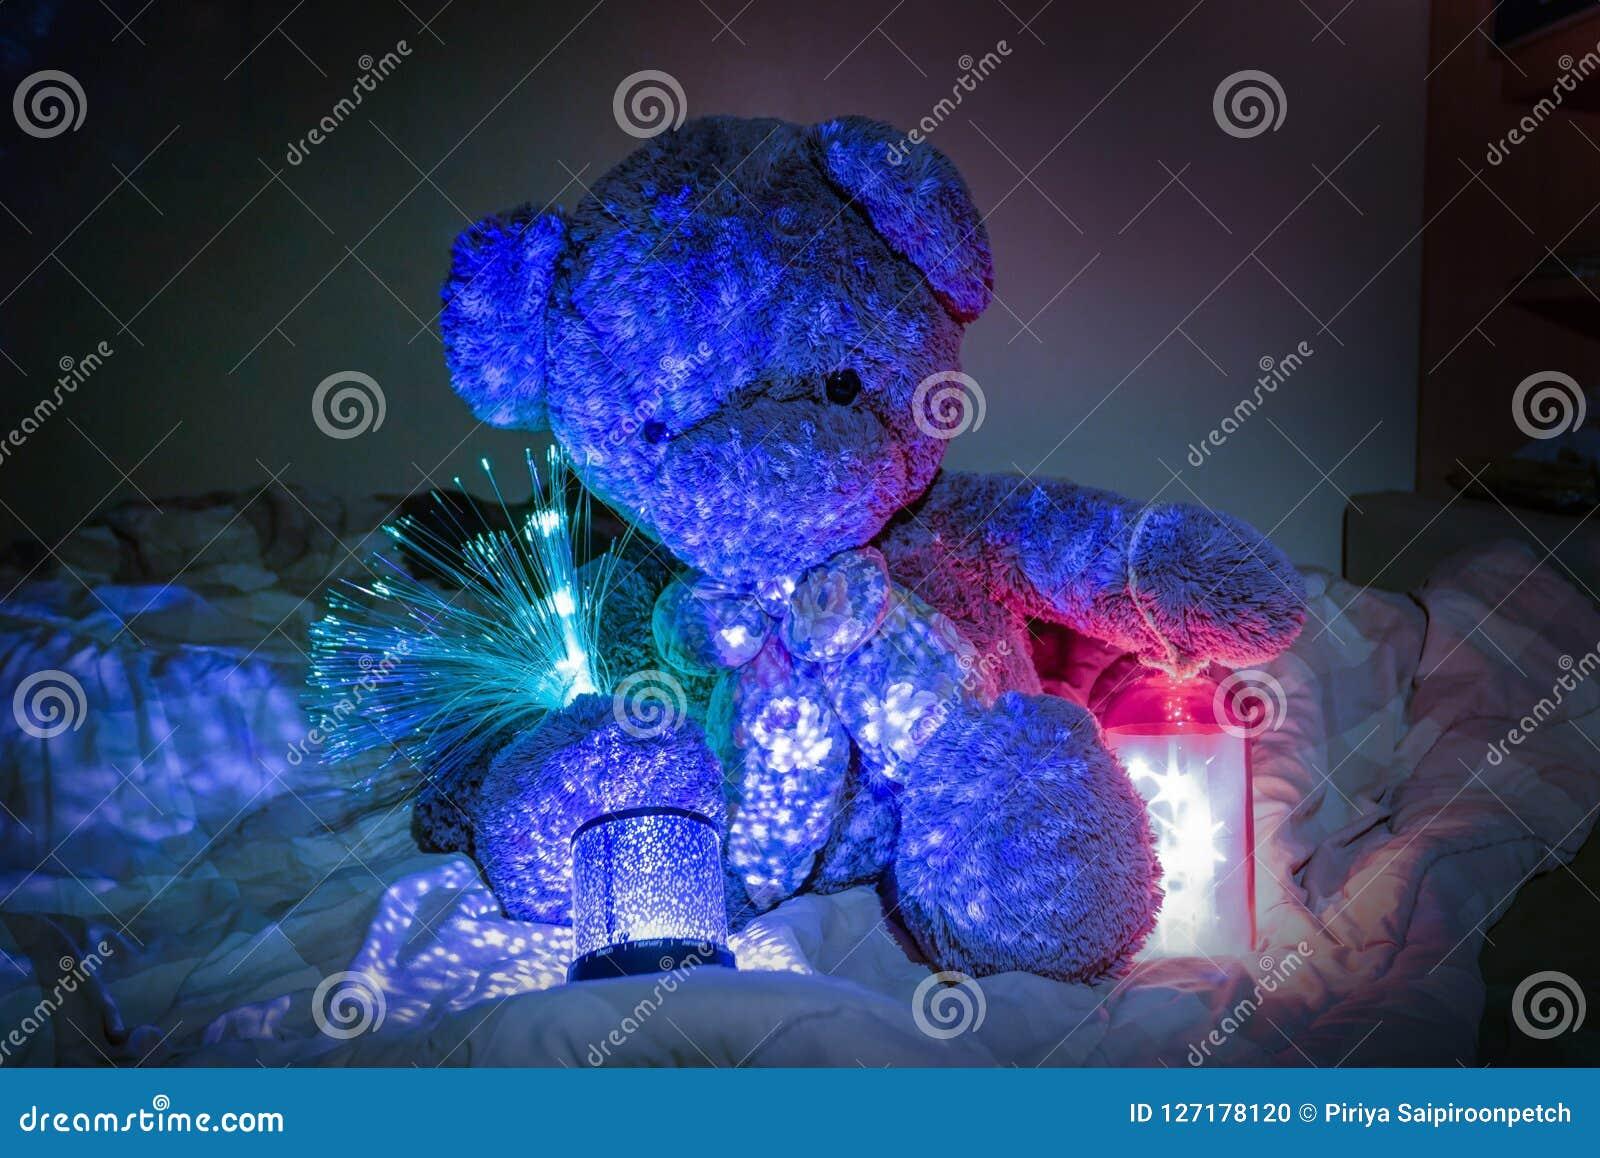 Teddy Bear mit dekorativen Lichtern und Stern beleuchtet im Bett Stockfoto